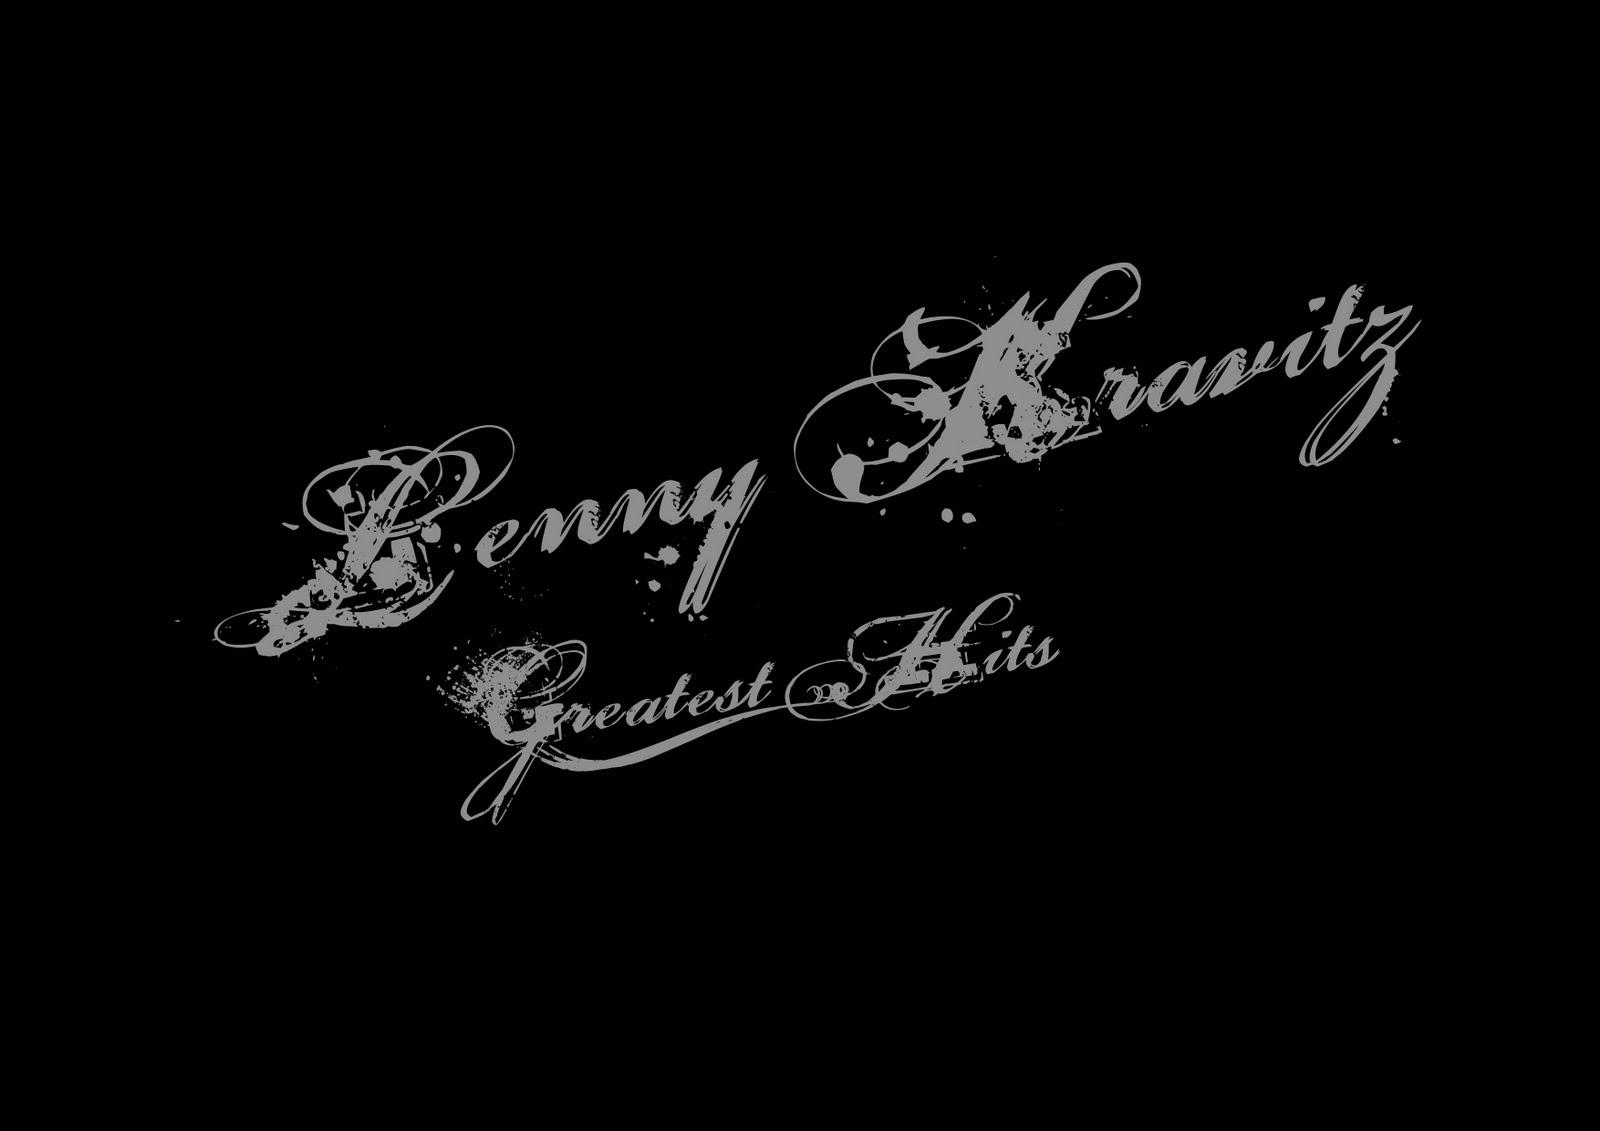 http://1.bp.blogspot.com/_yy5__bvkoSs/S-p8w0NFfhI/AAAAAAAAAD0/8bzyuAQYRgI/s1600/lenny+kravitz.jpg